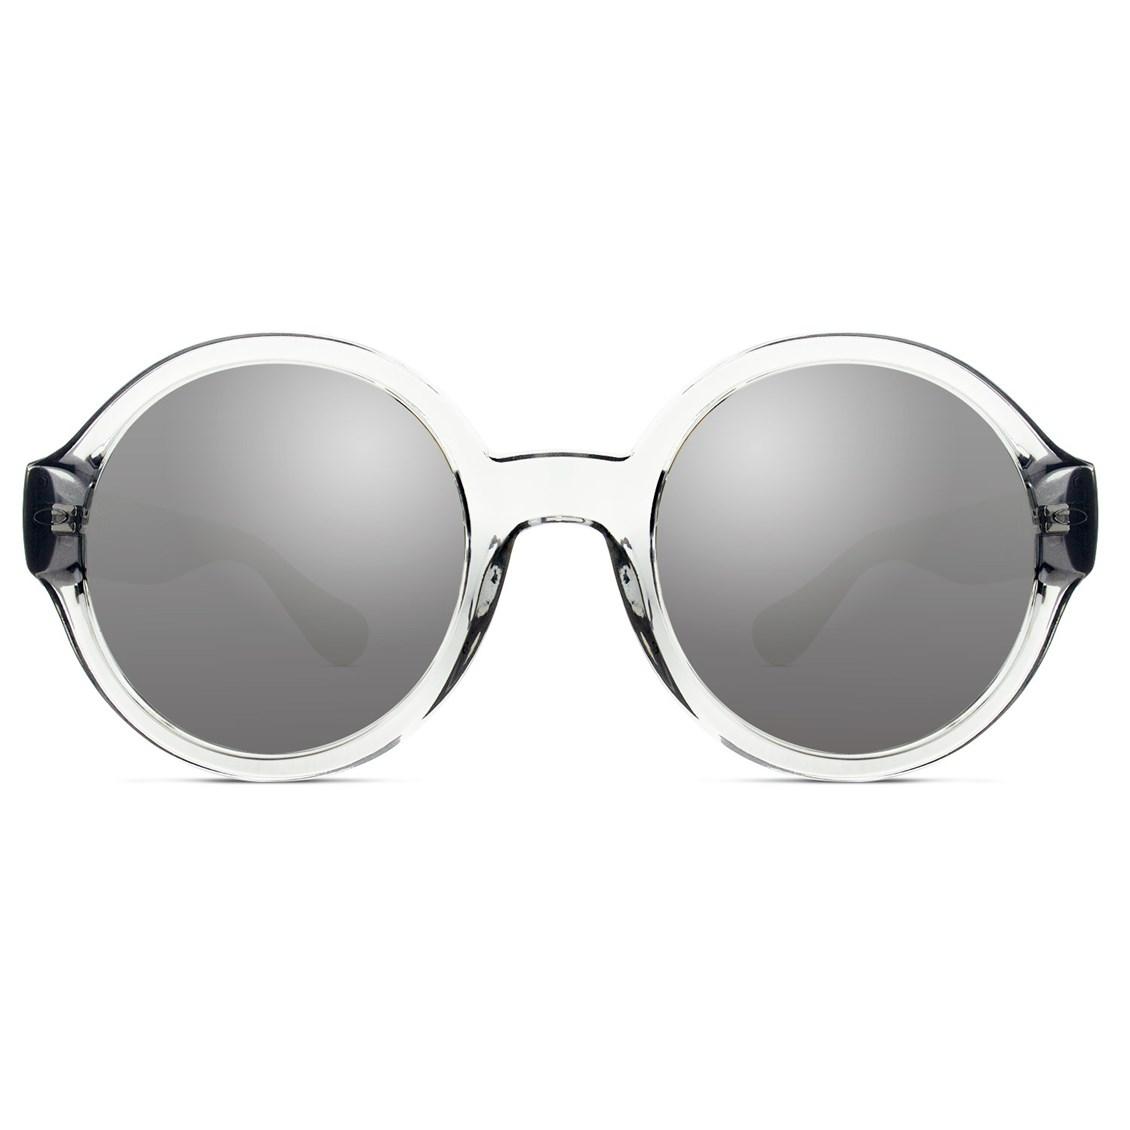 Óculos de Sol Havaianas Floripa/M YB7/T4-51